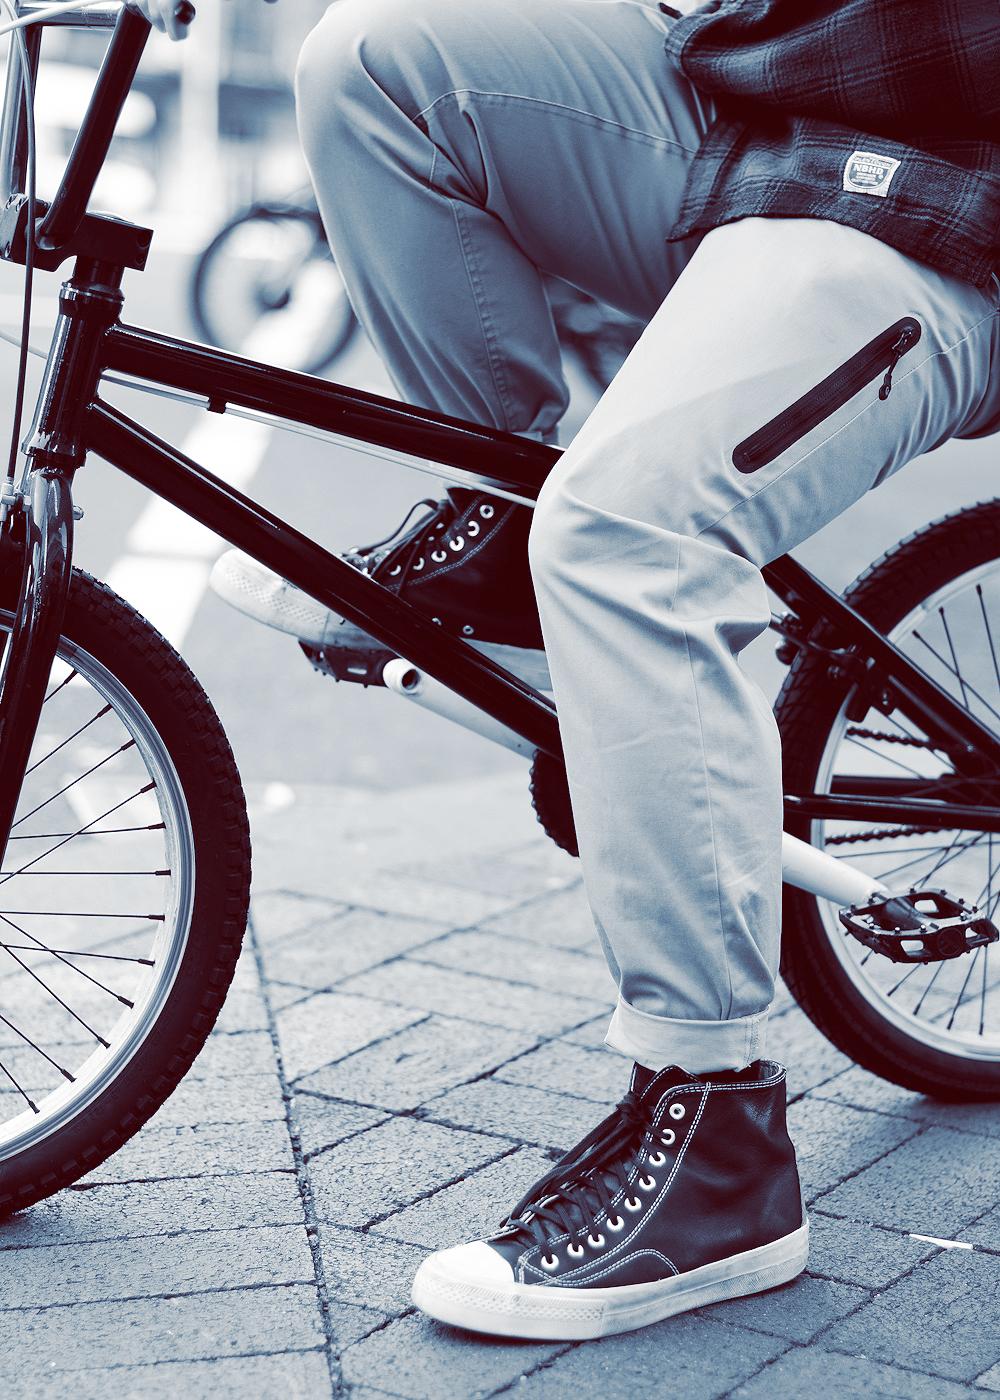 Zip ride.